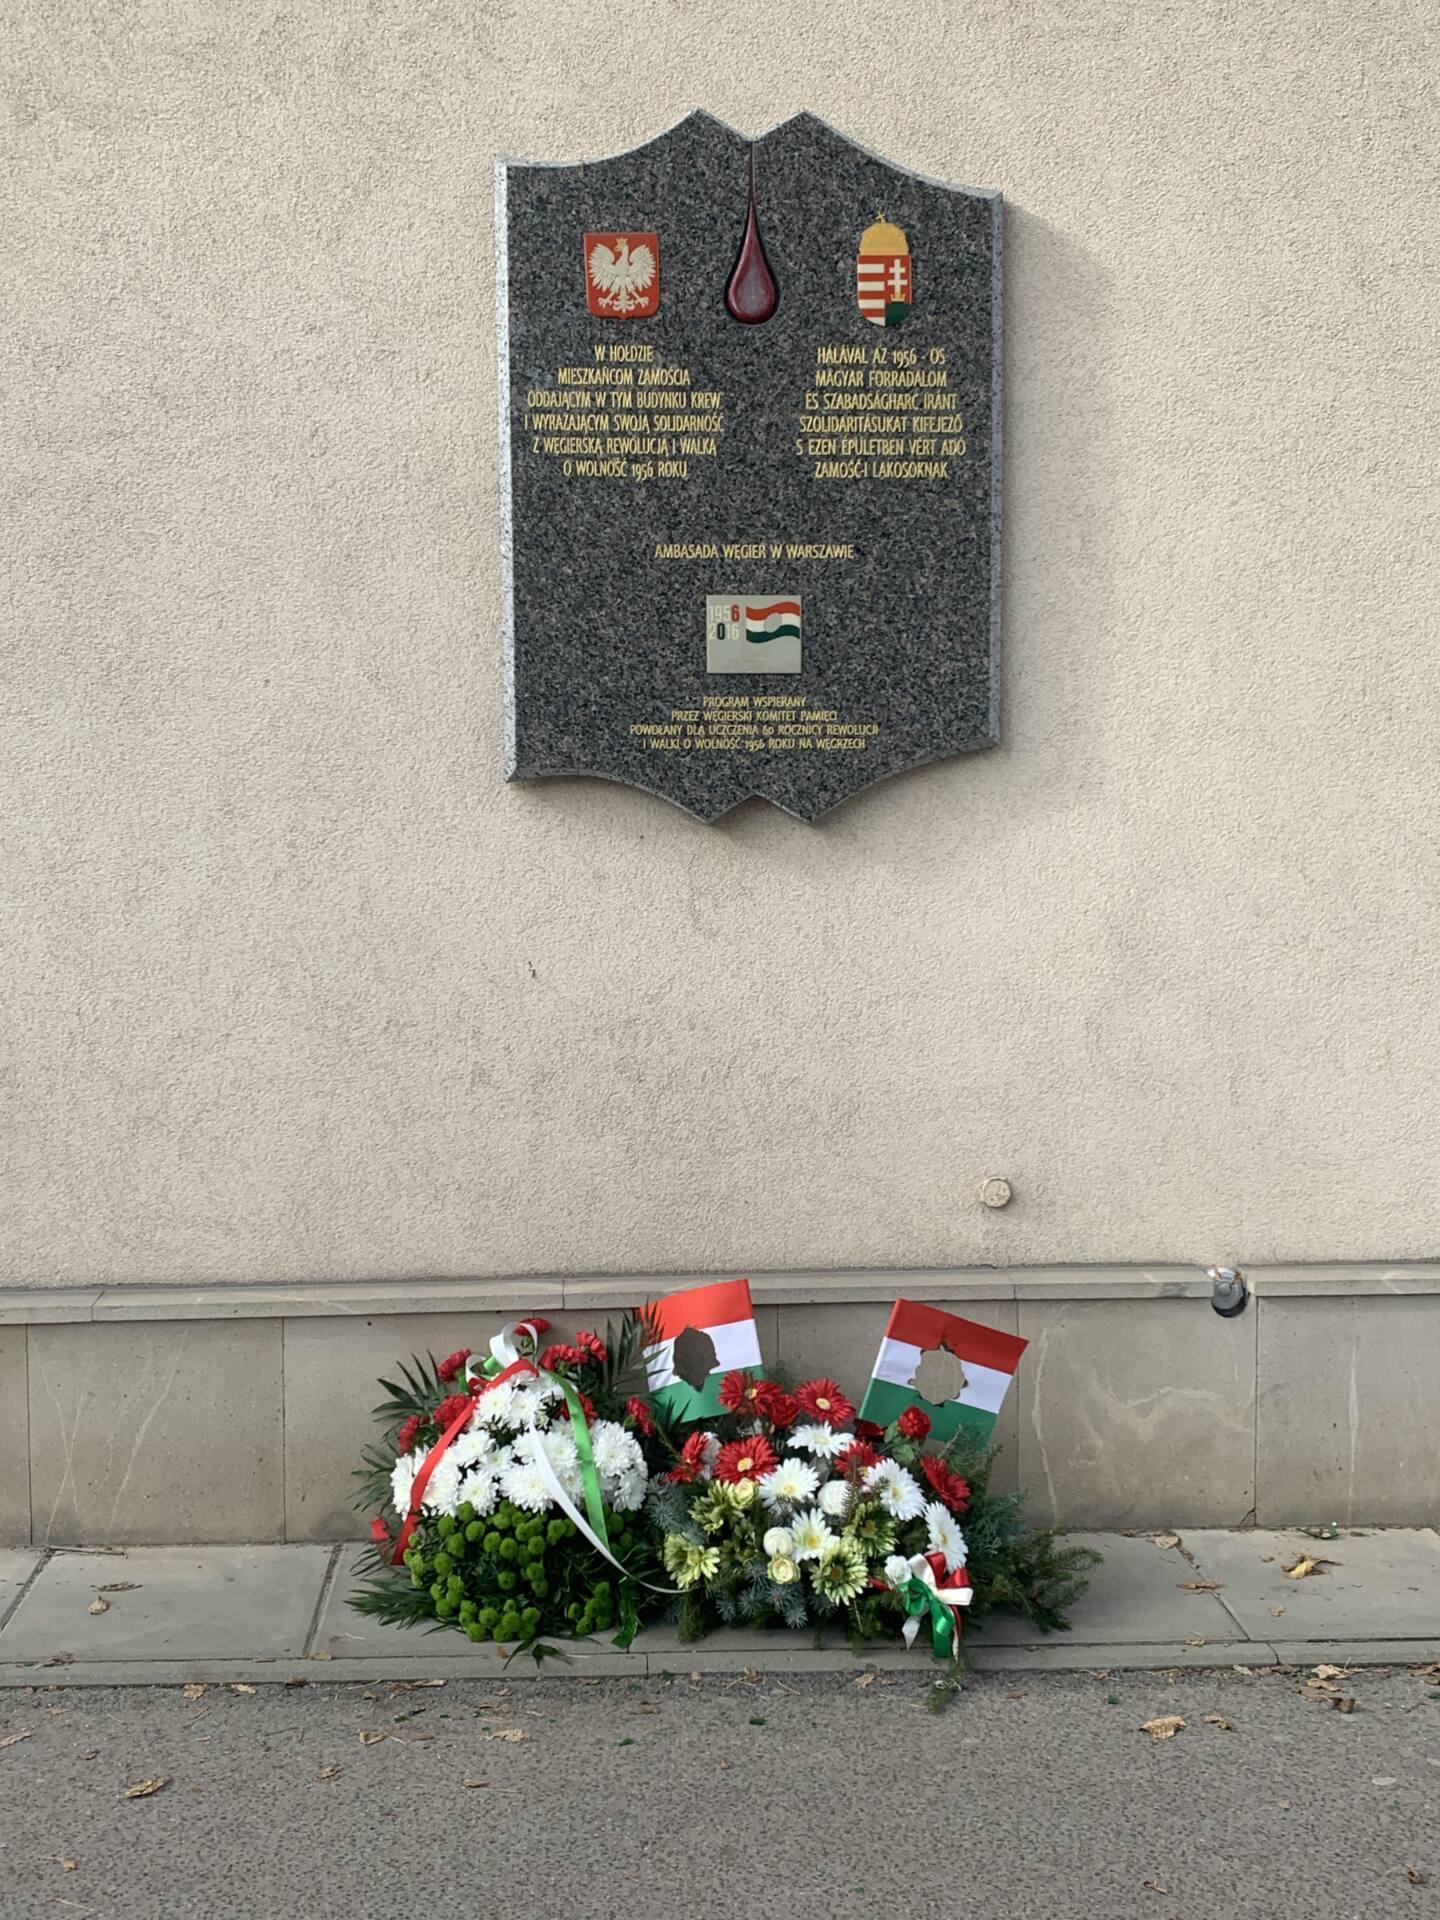 img 3157 Zamość: Upamiętniono Narodowe Święto Węgier [FOTORELACJA + PREZENT dla czytelników]